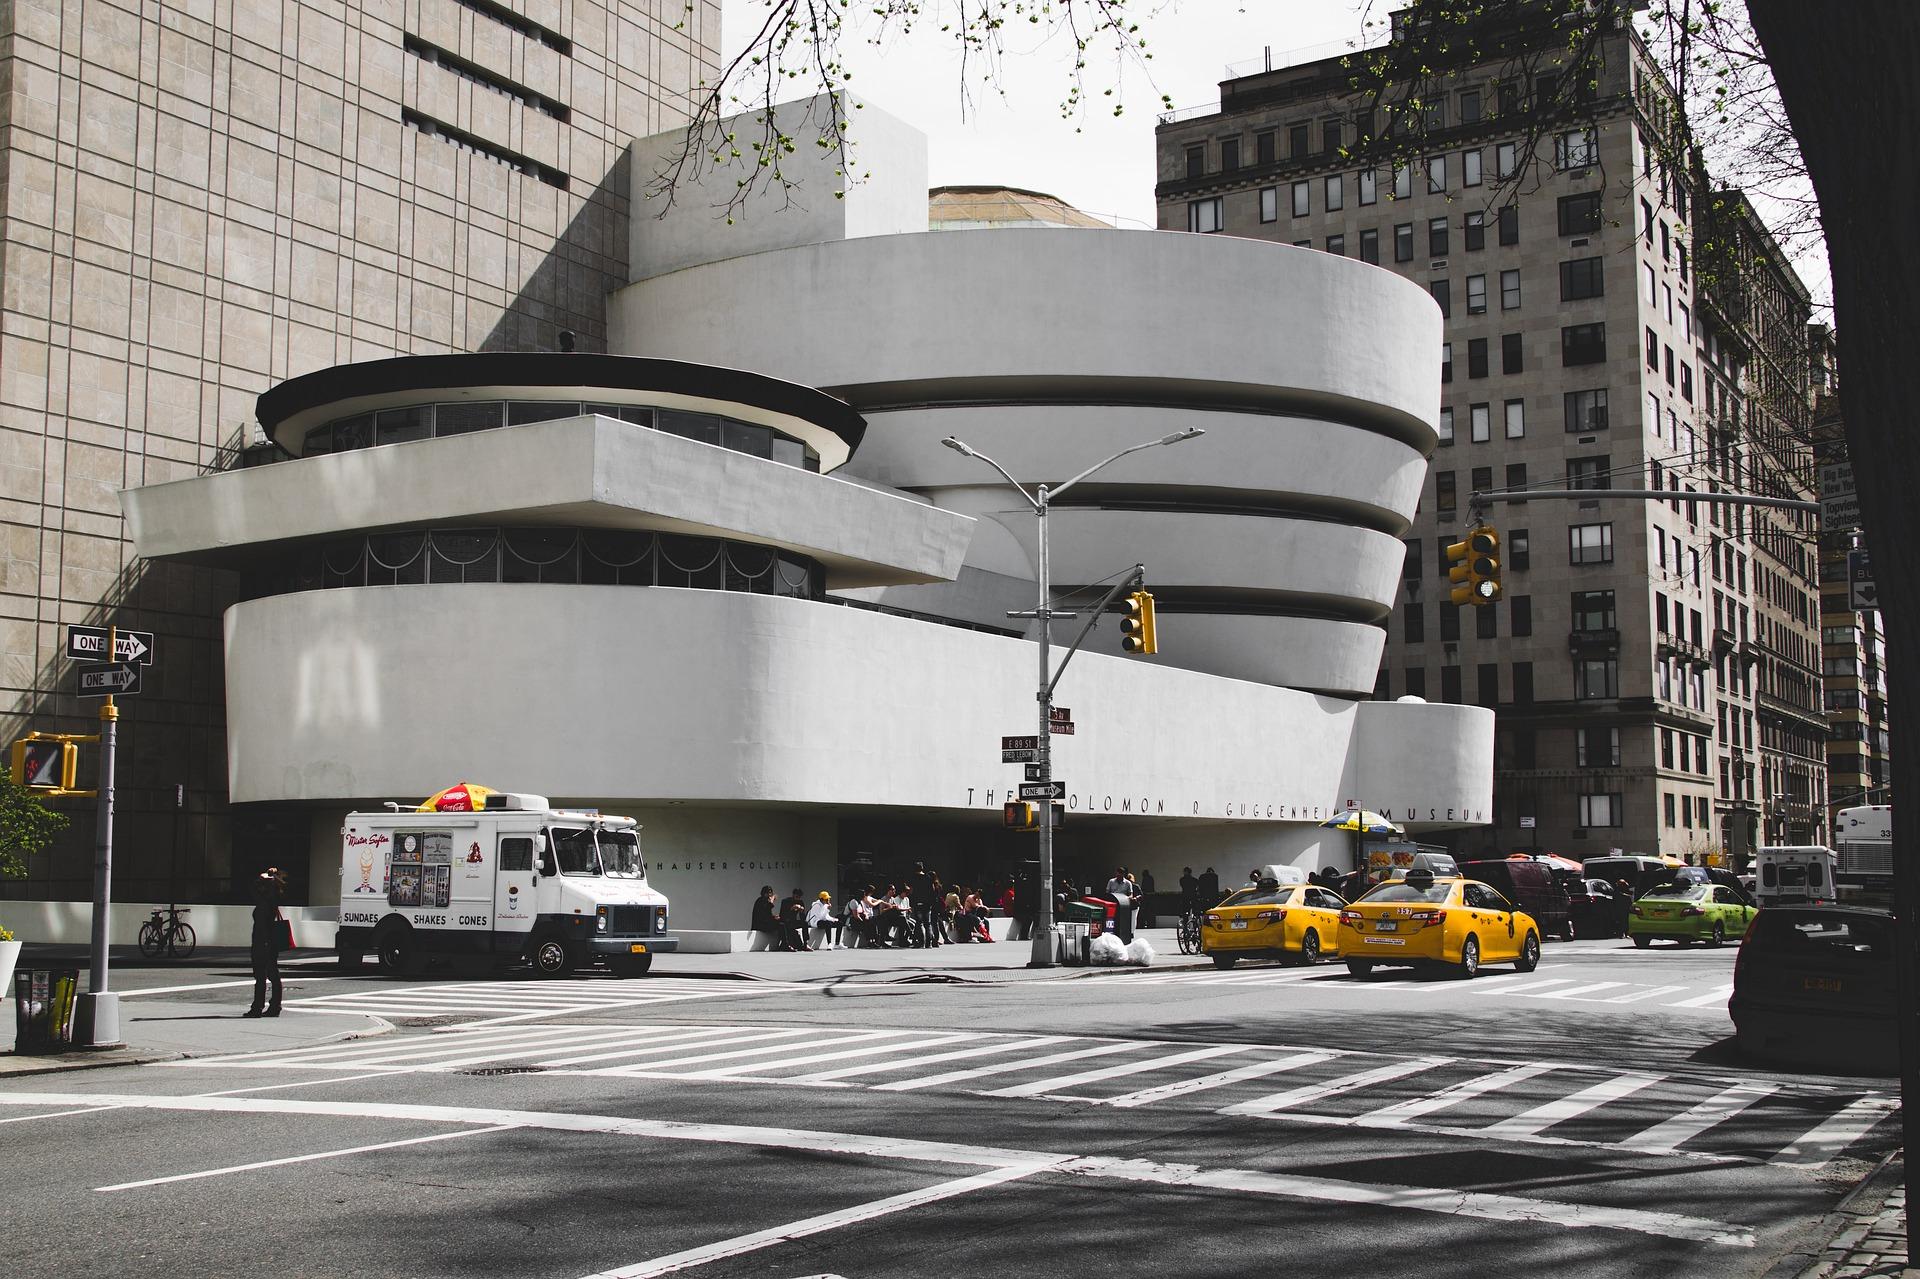 Il museo Guggenheim di New York realizzato da Frank Lloyd Wright compie 60 anni